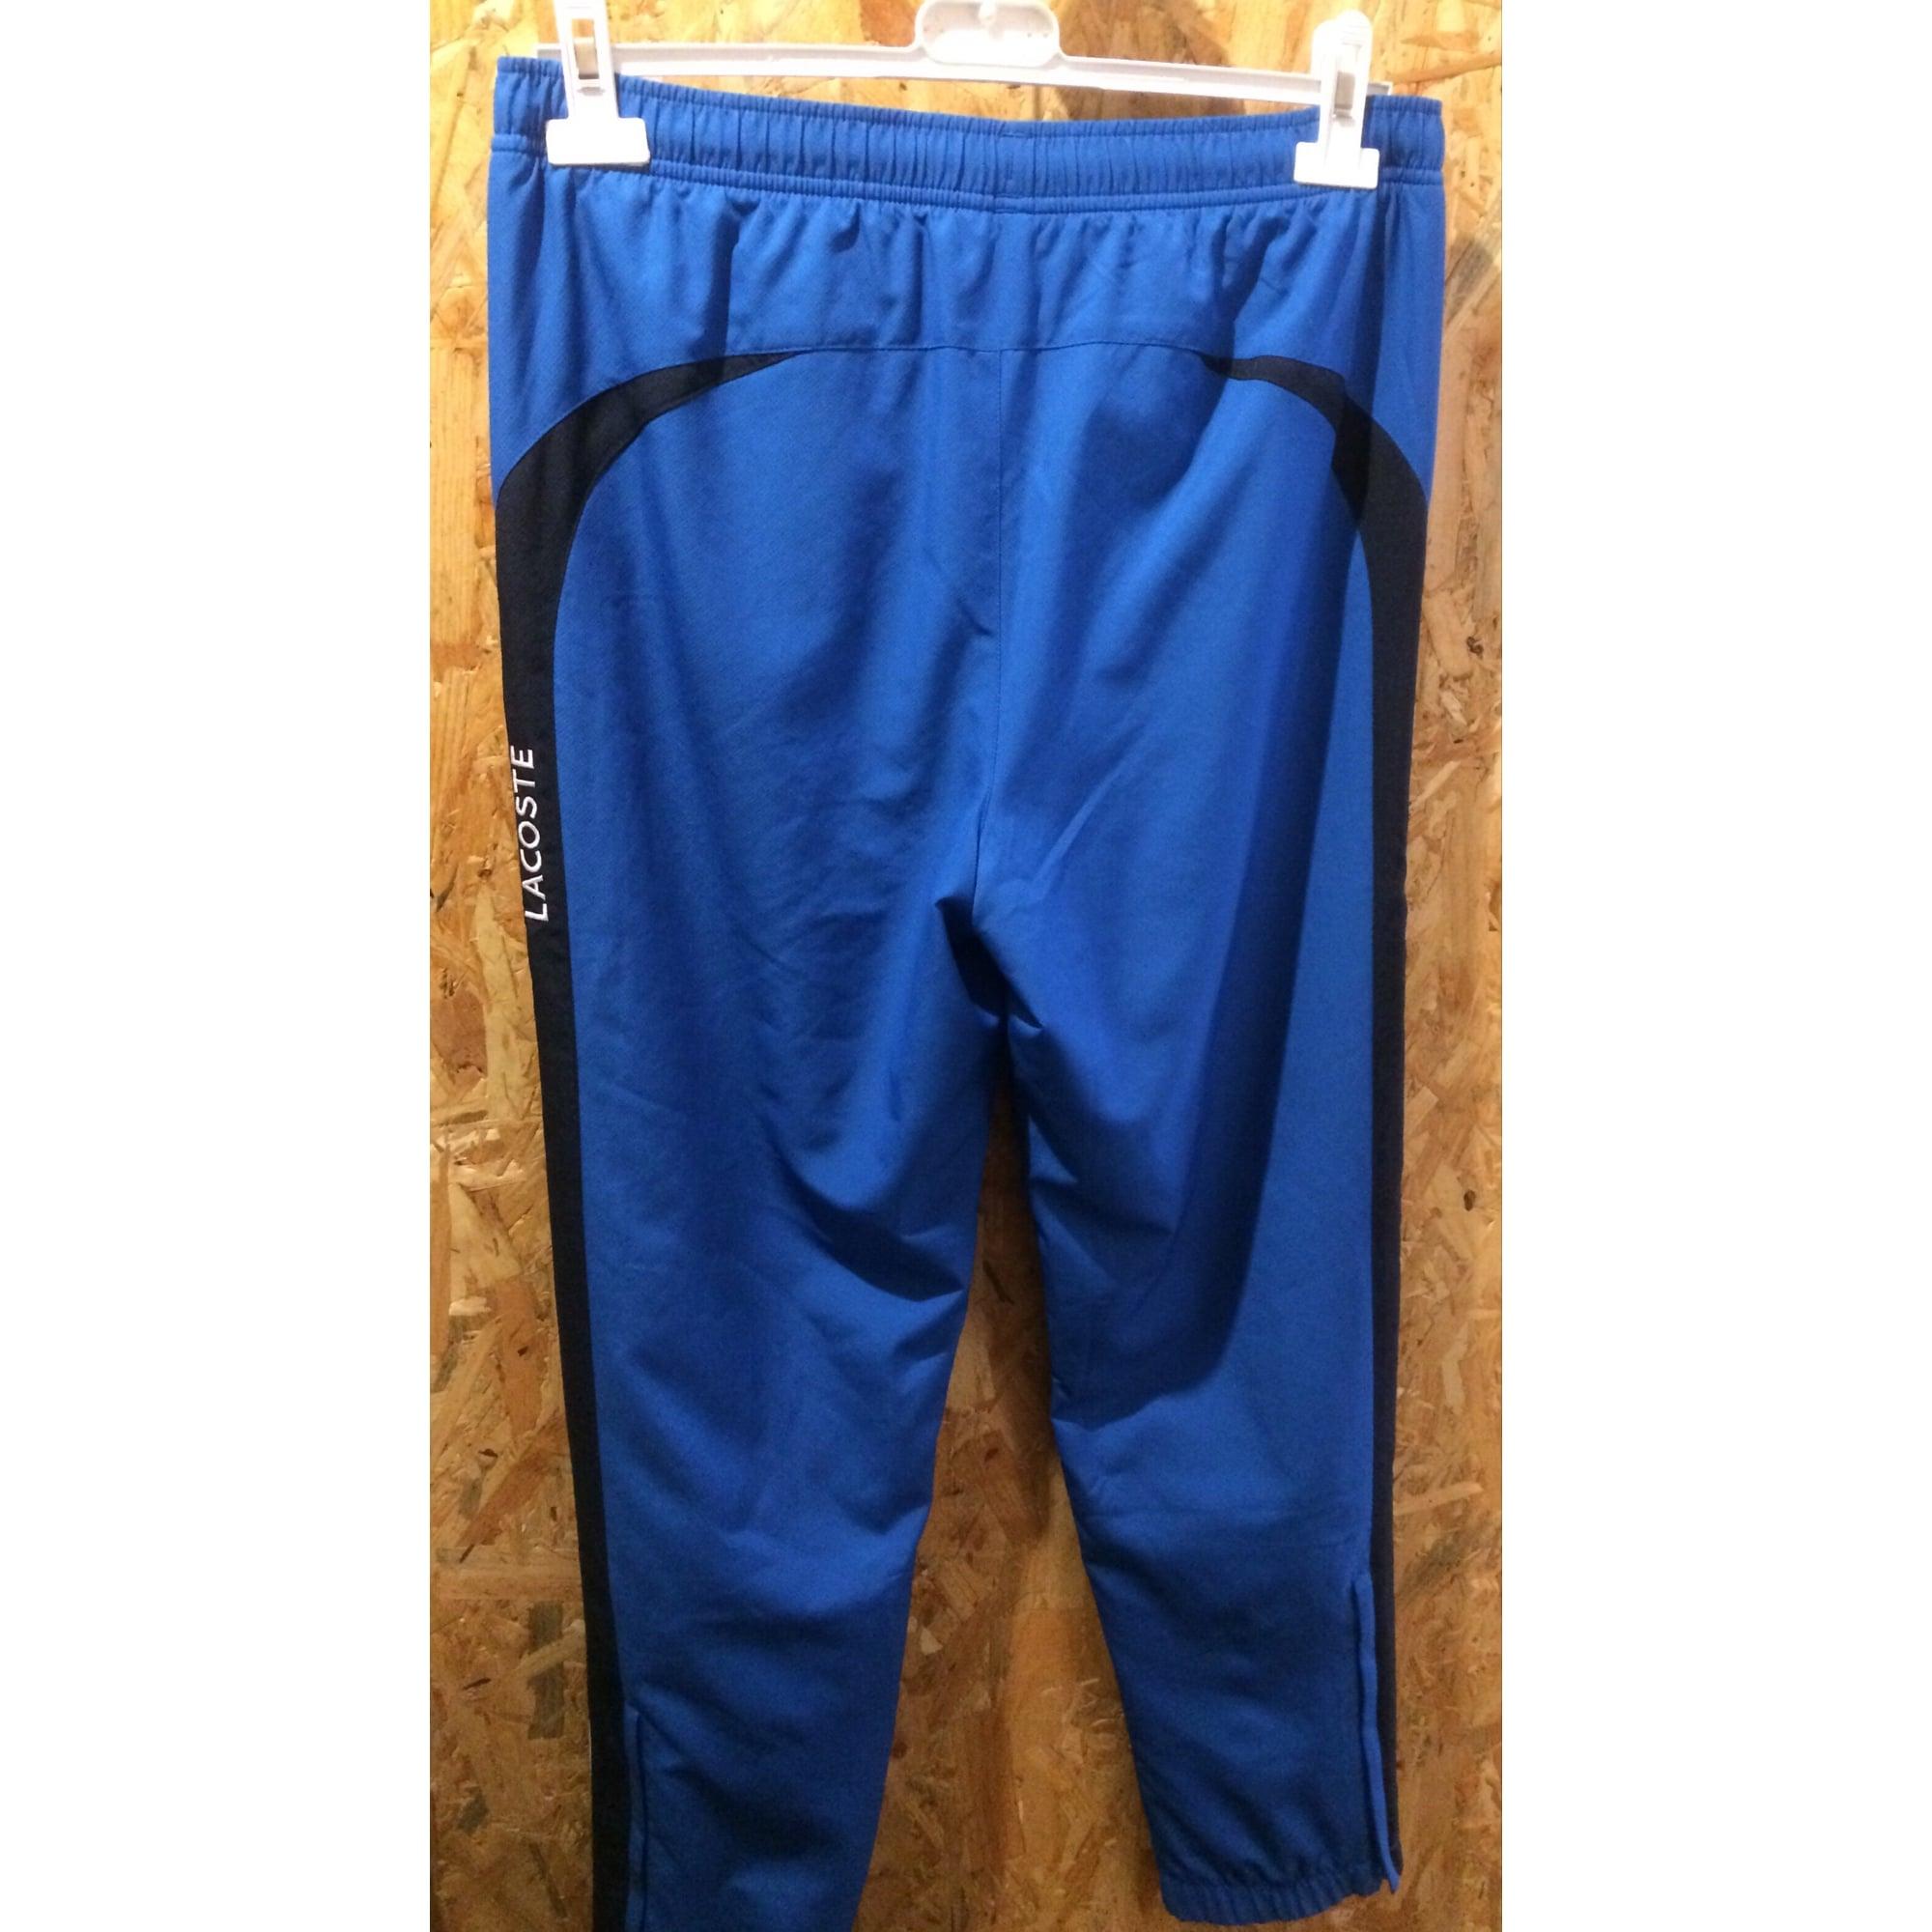 c857102d41 Pantalon de survêtement LACOSTE 34 bleu vendu par Sylvie 6326 - 7124869